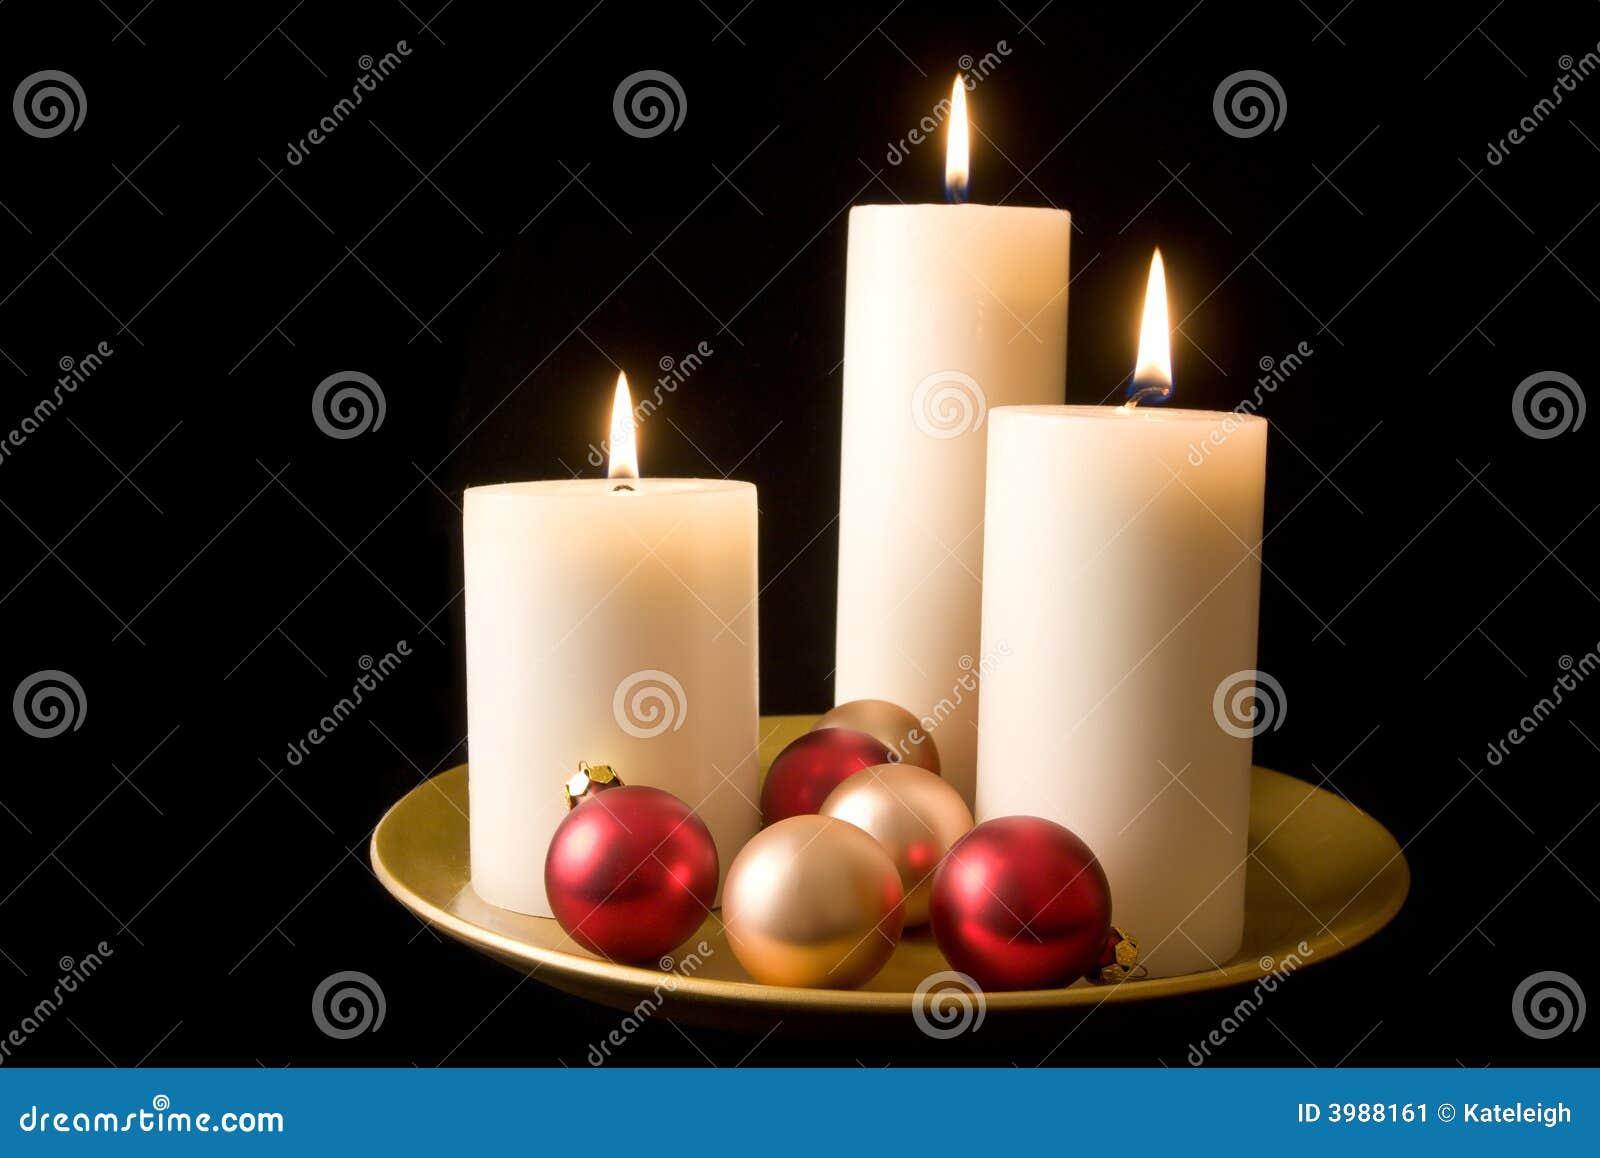 Visualización decorativa de la vela